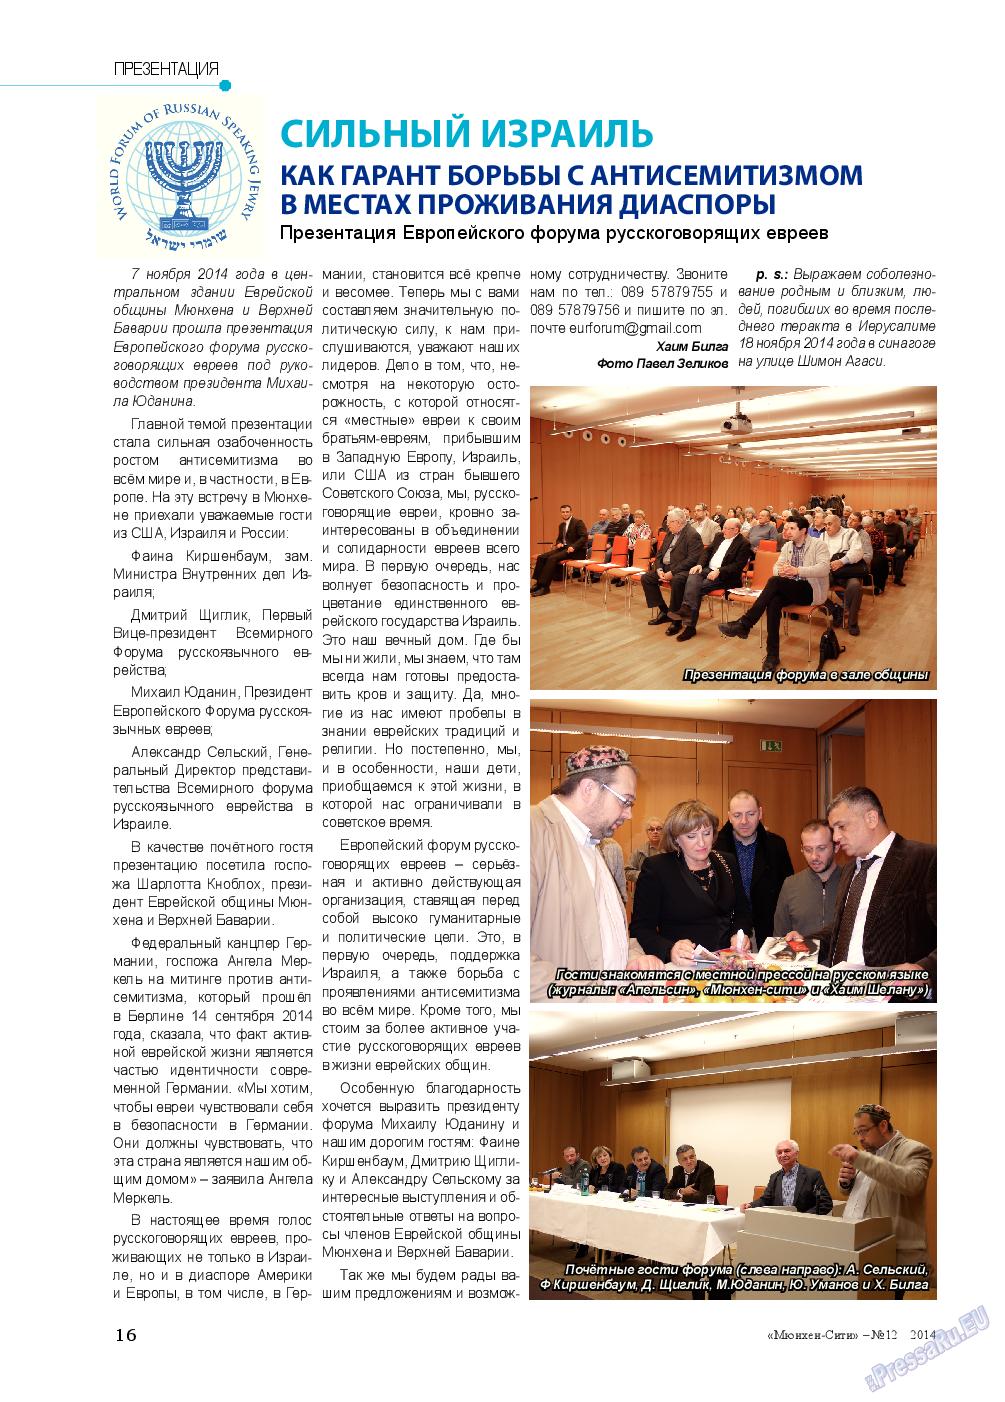 Мюнхен-сити (журнал). 2014 год, номер 12, стр. 16